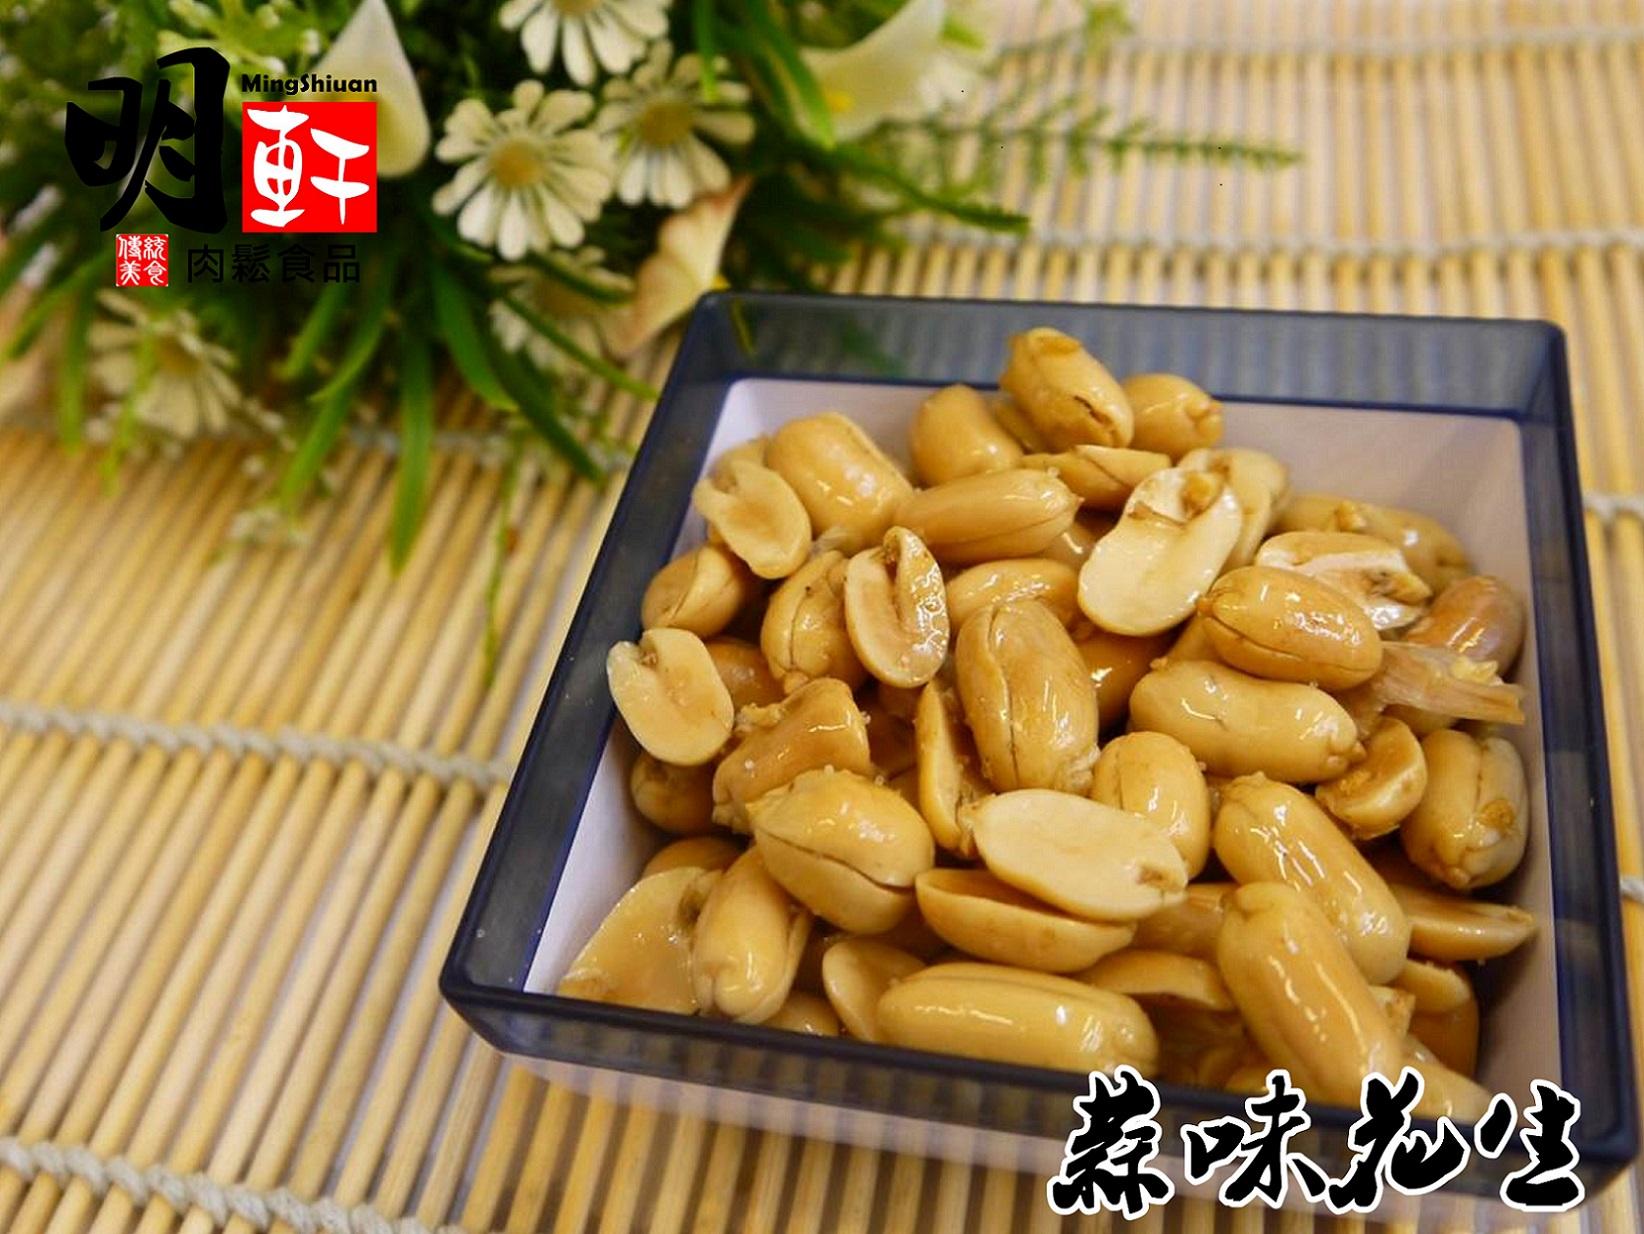 【明軒肉鬆食品】蒜味花生~輕巧包(285g)